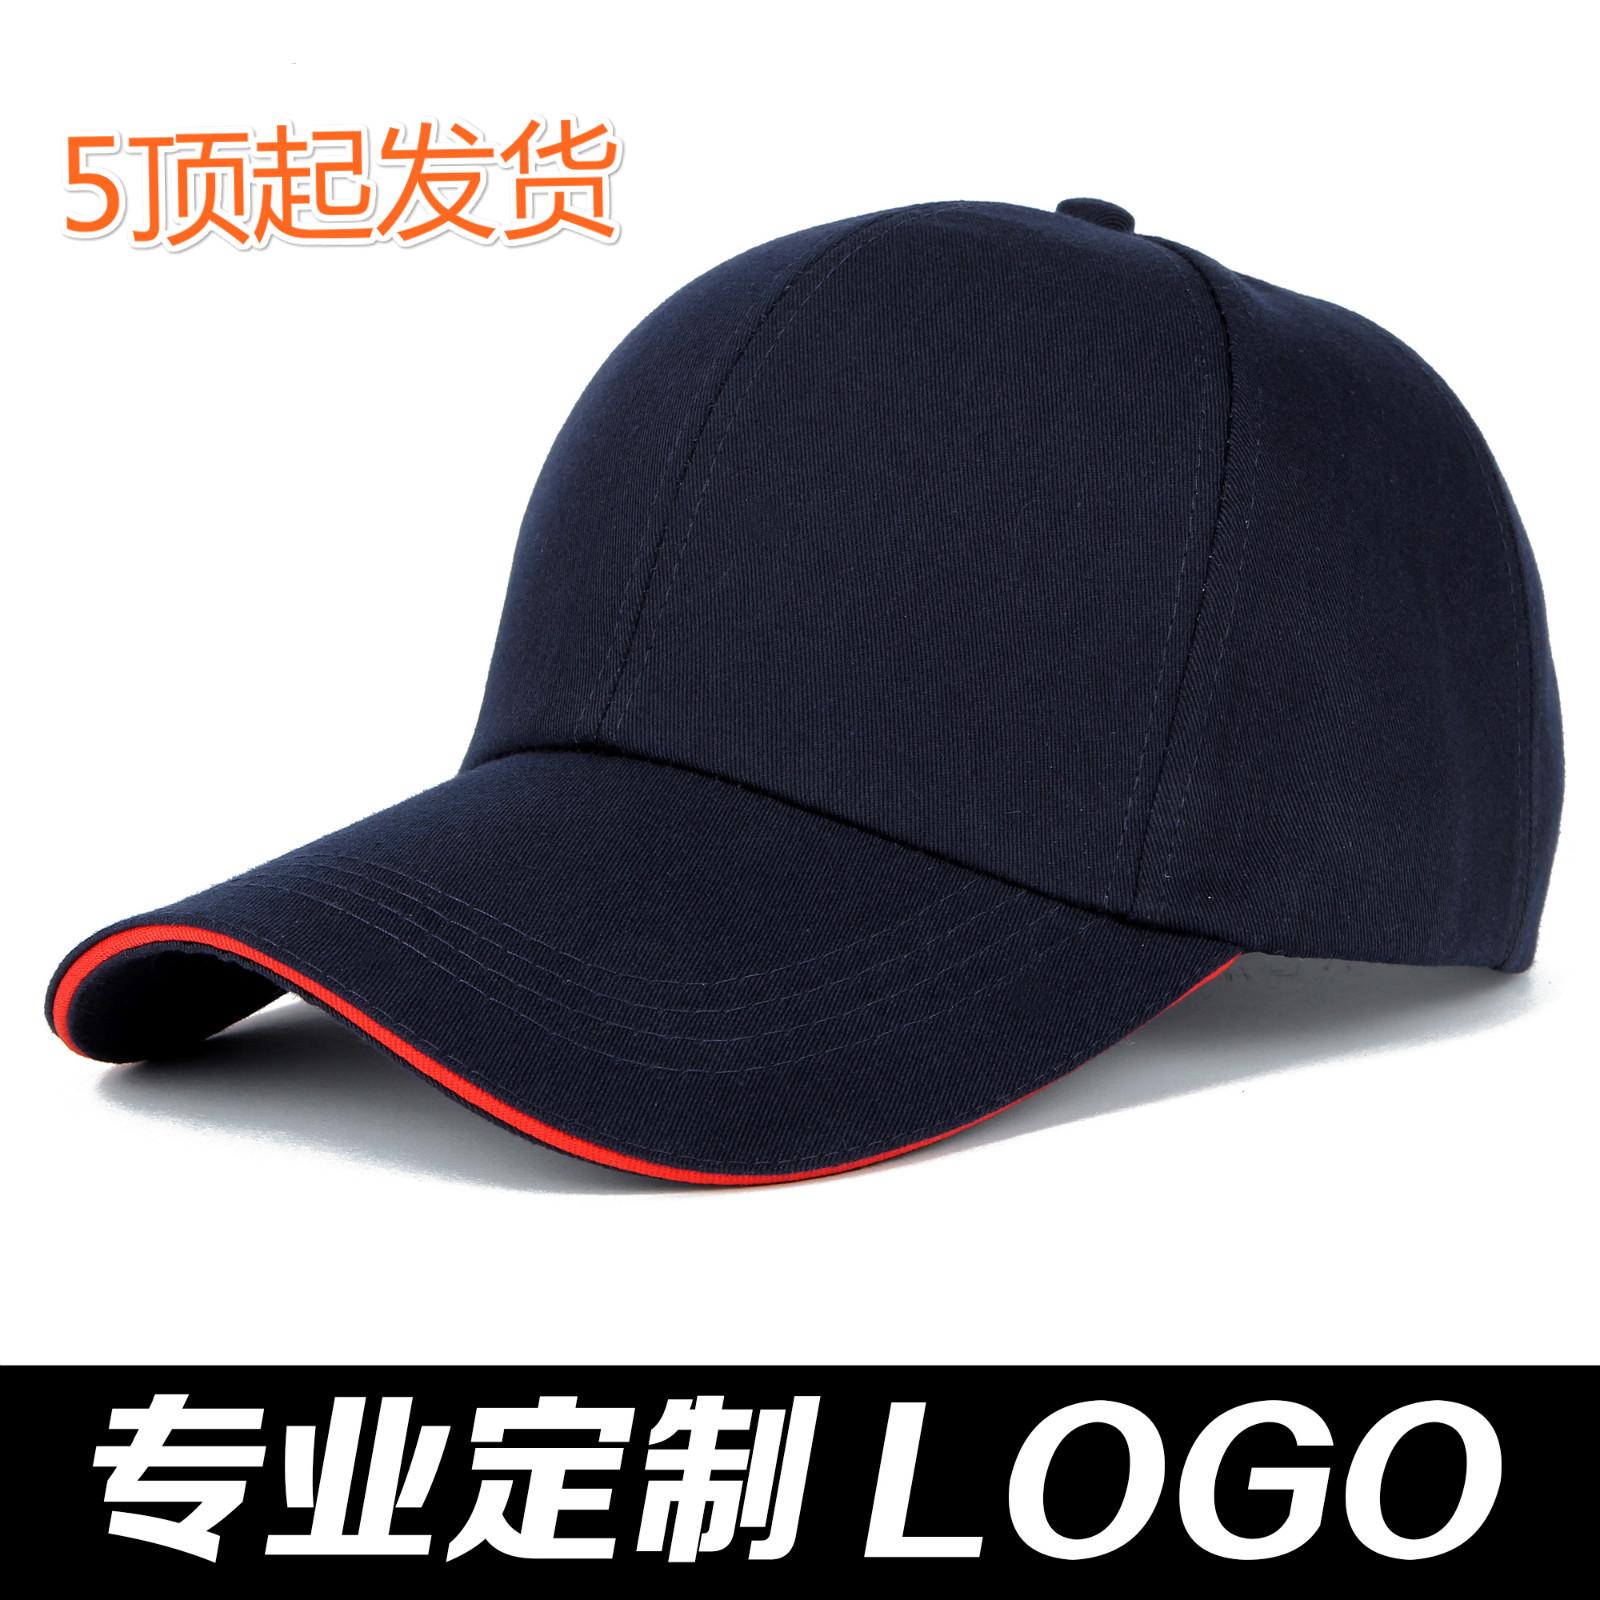 棒球帽定做太阳帽工作鸭舌帽男女士广告遮阳帽子印字刺绣定制logo